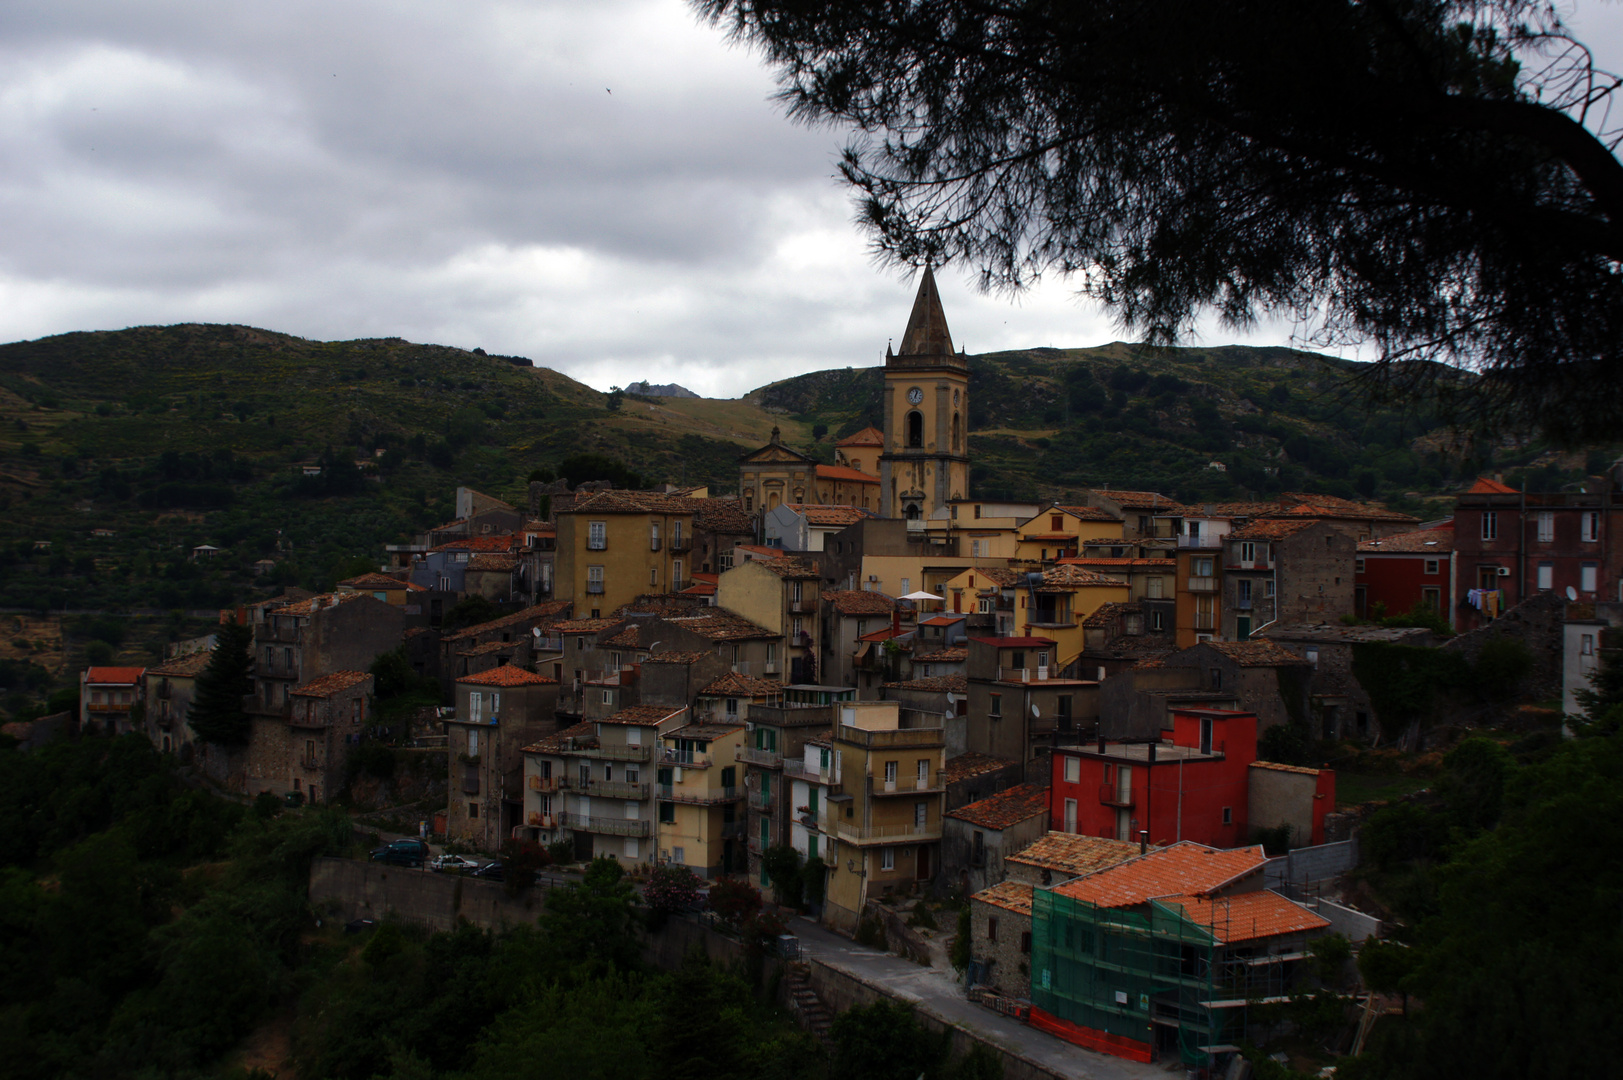 Francovilla di Sicilia